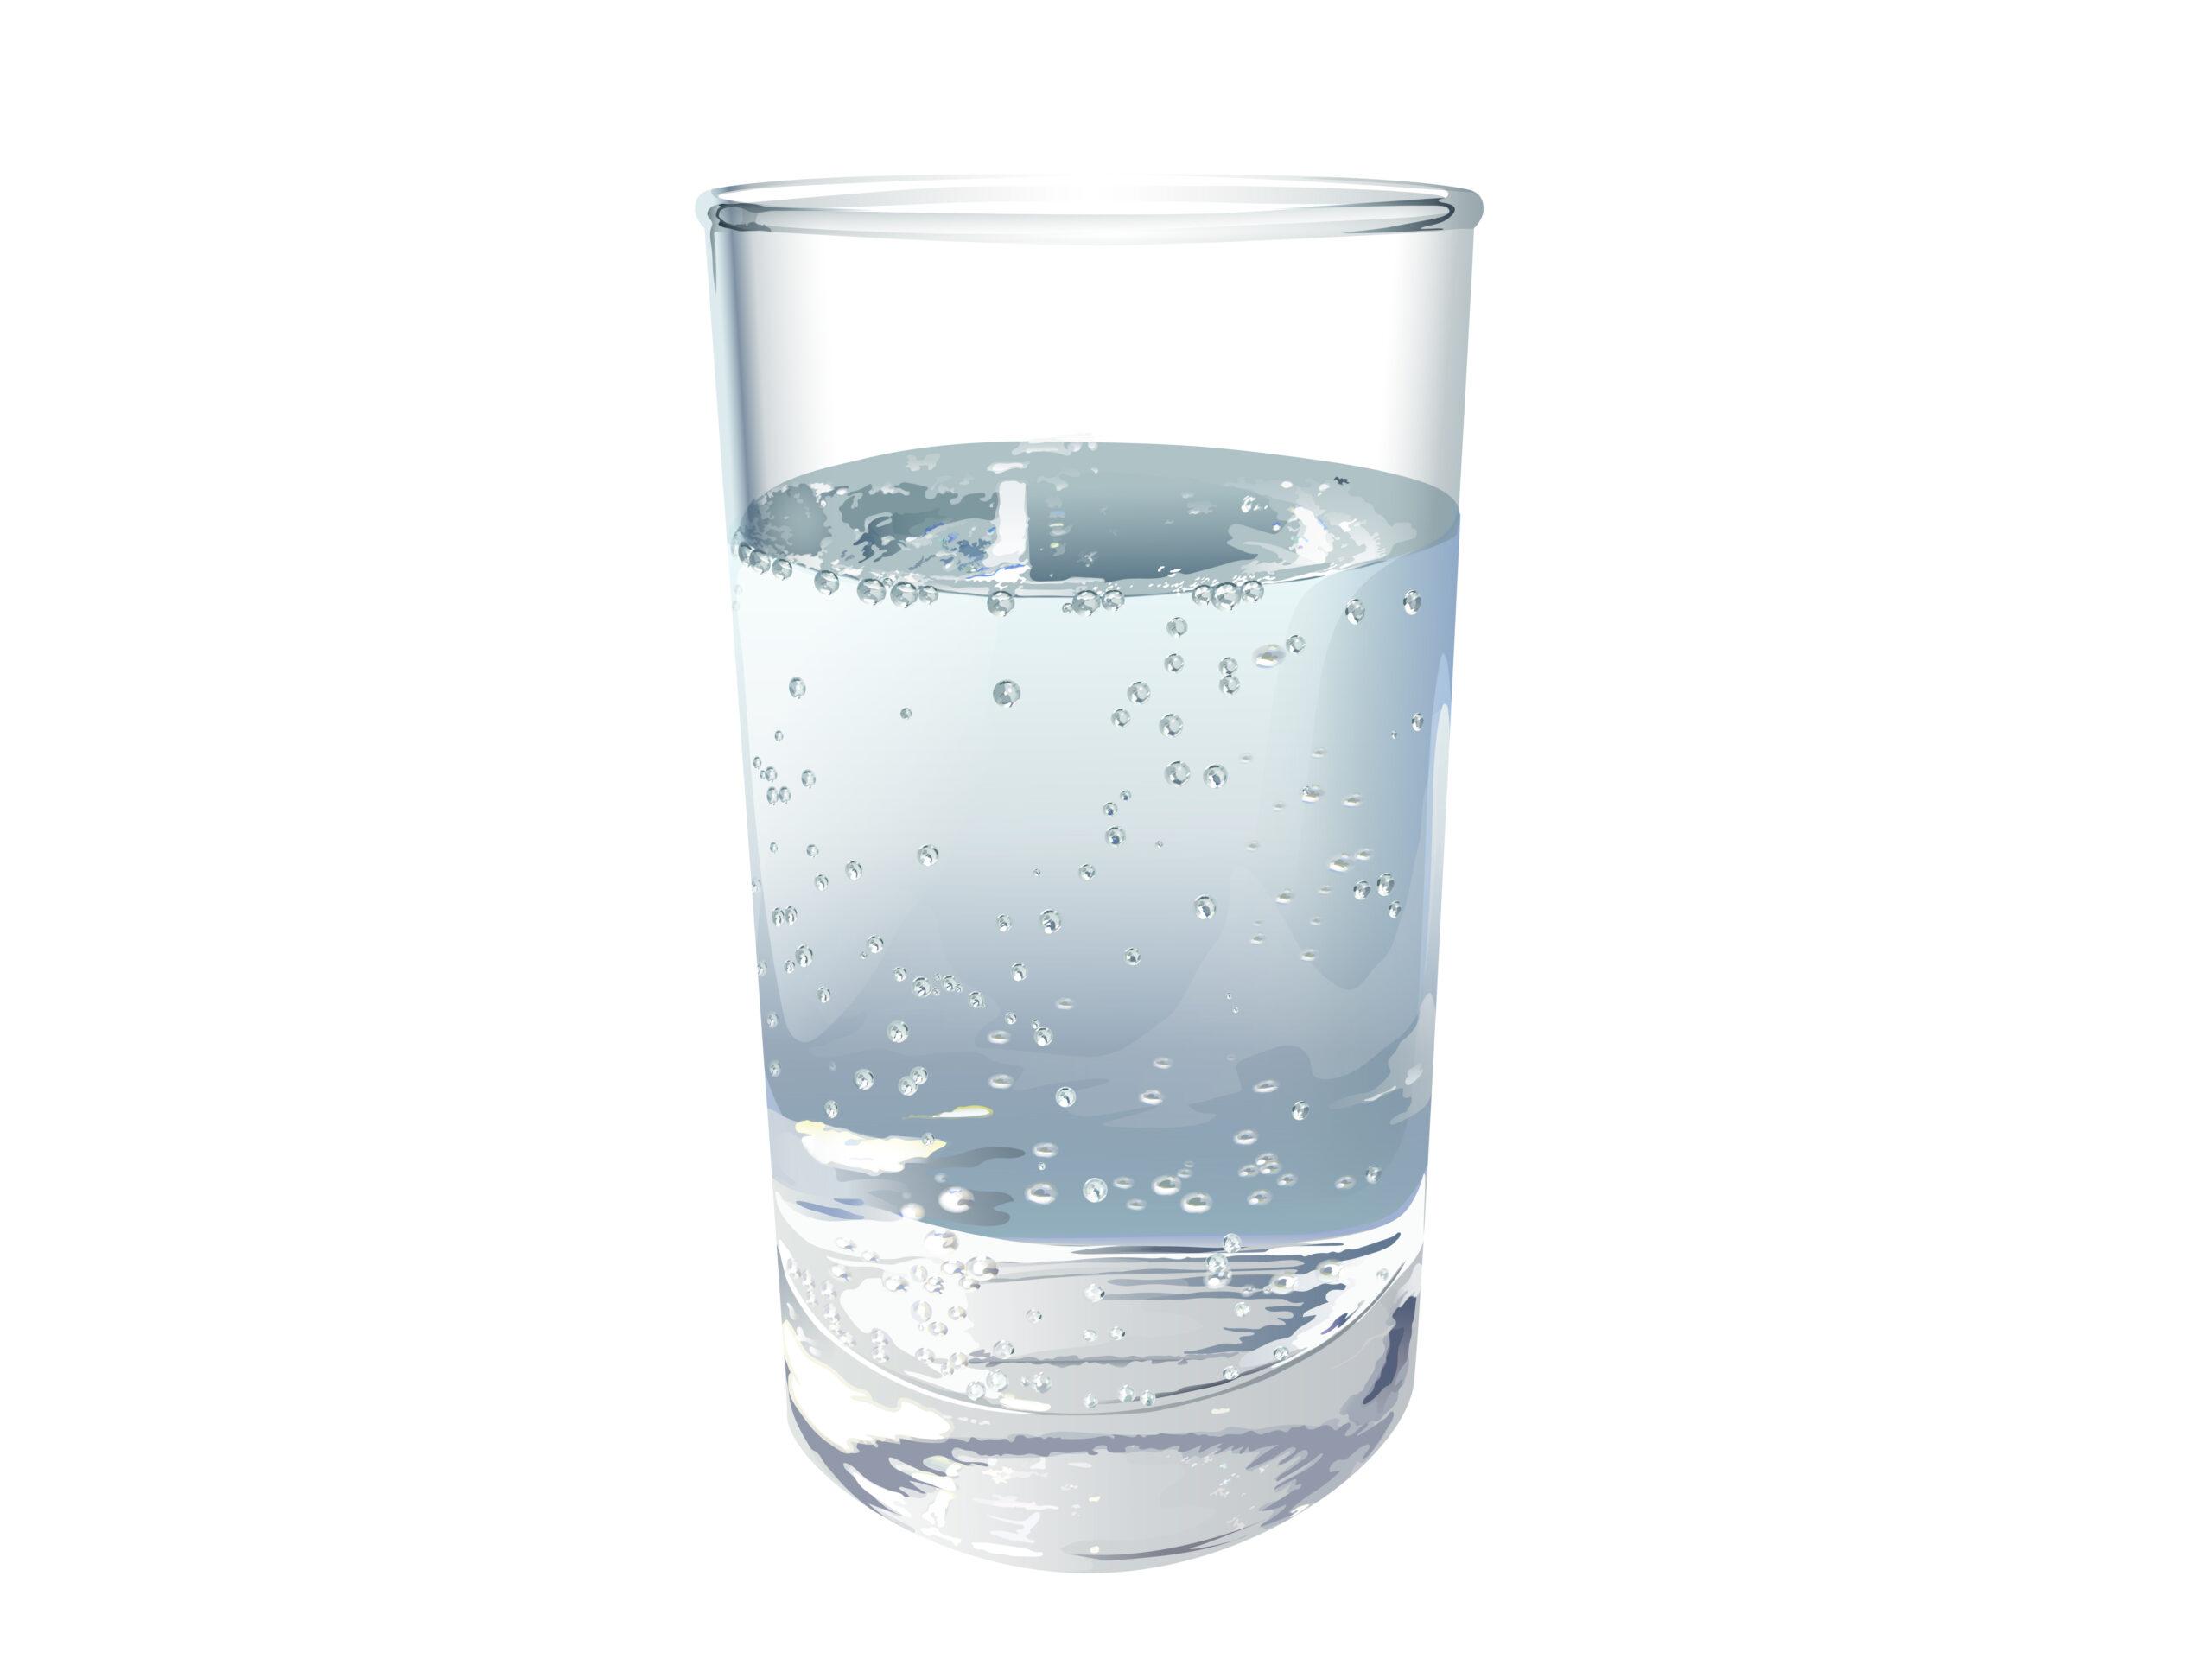 コップに注がれた炭酸水